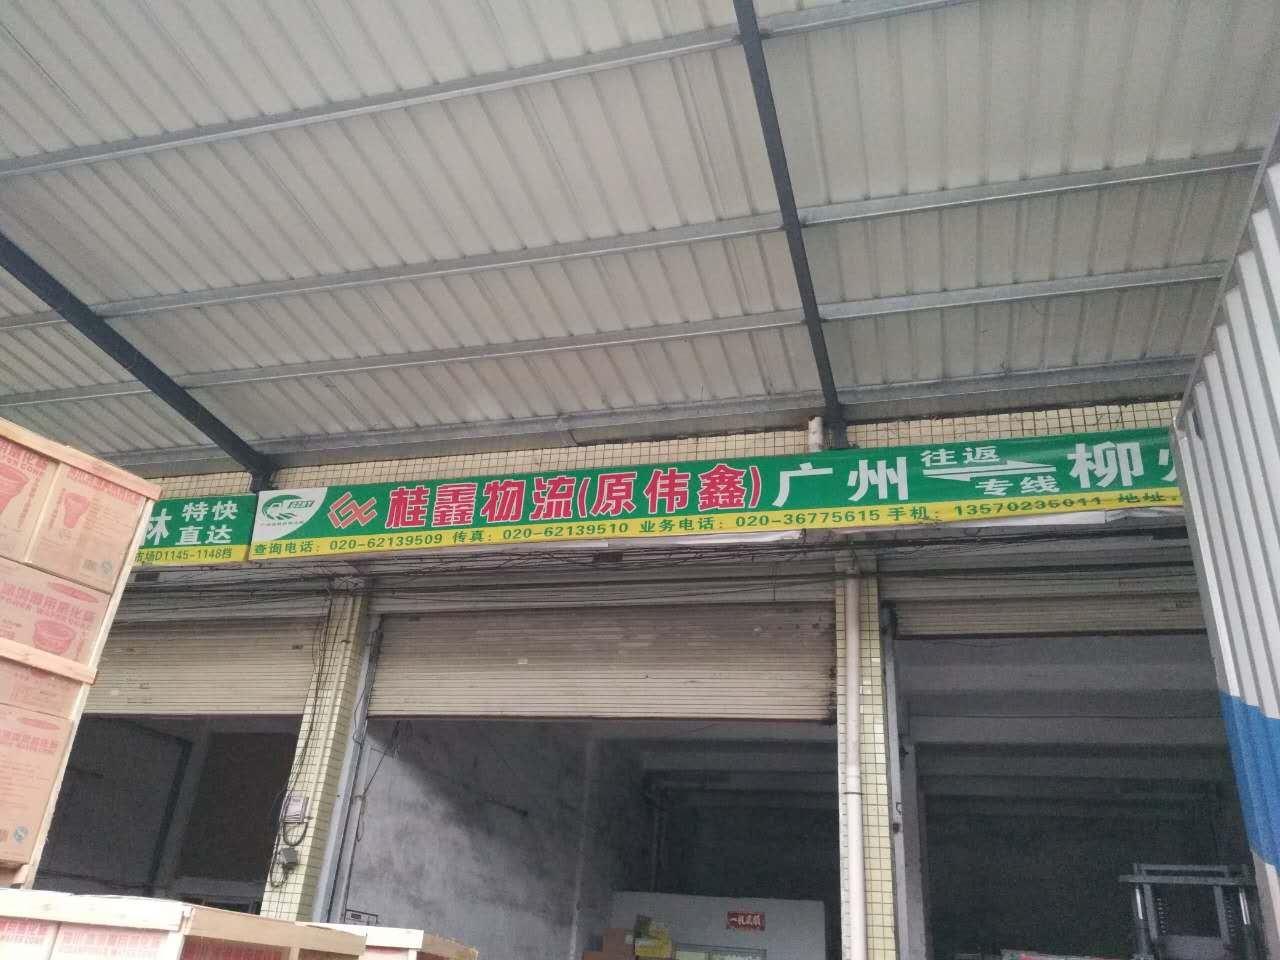 广州到鹰潭物流专线(广州市桂鑫物流有限公司)